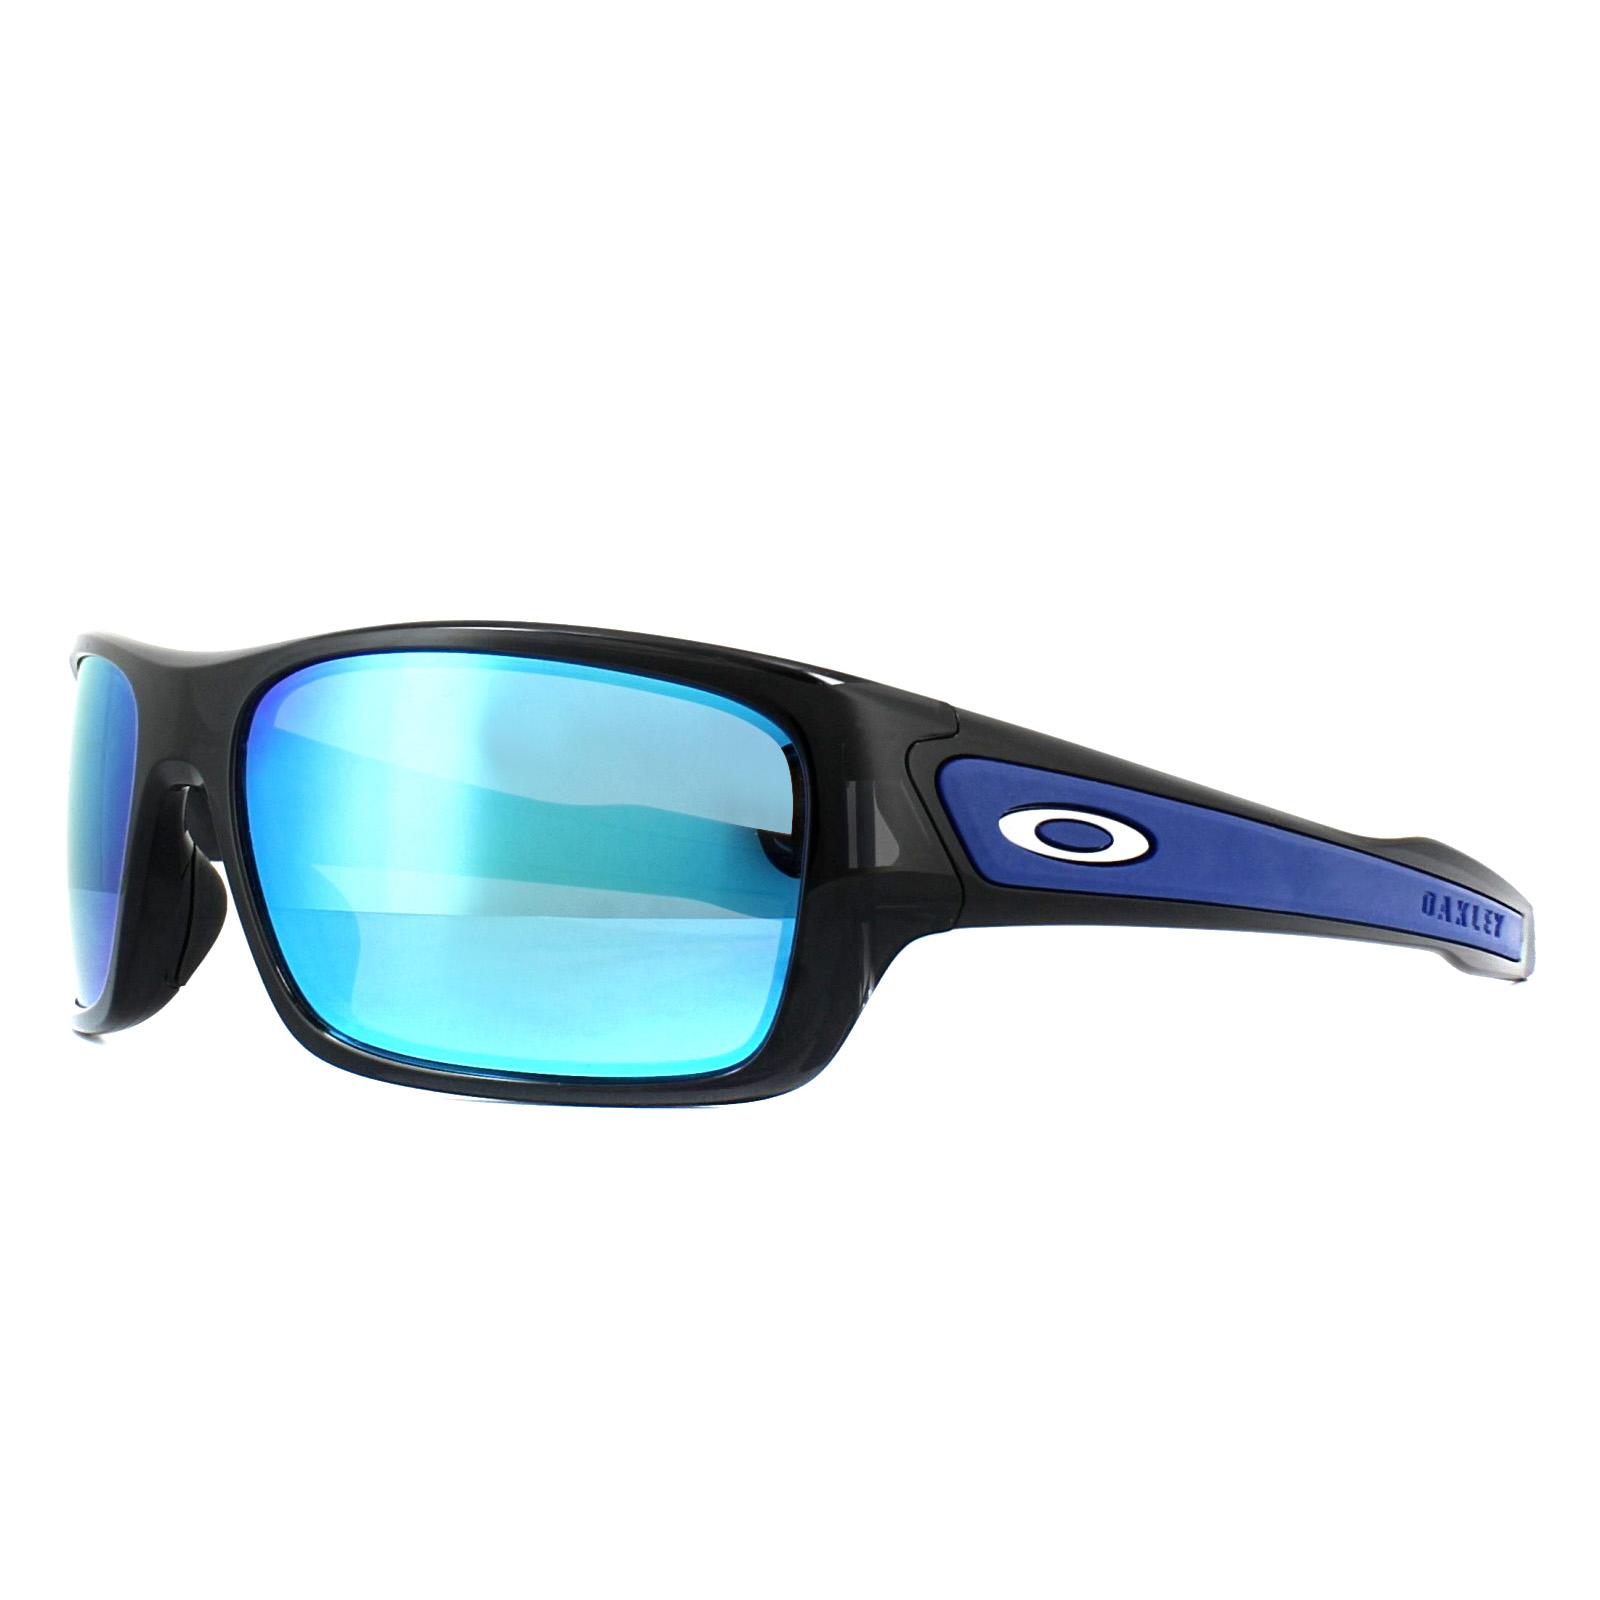 36fcdde3fa2b Sentinel Oakley Sunglasses Turbine XS Youth Fit OJ9003-03 Black Ink  Sapphire Iridium